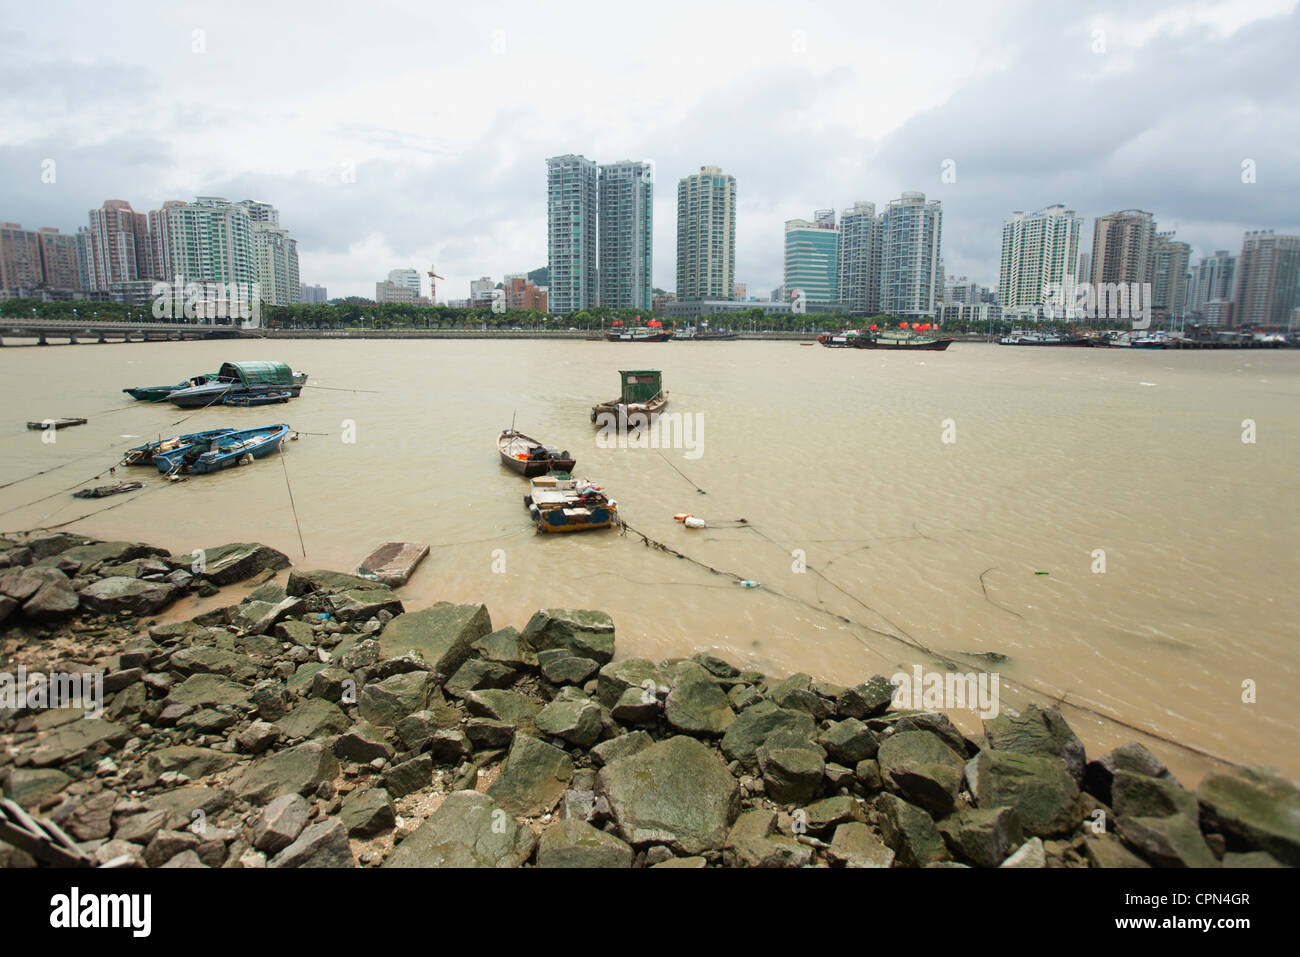 Boote auf dem Wasser, Provinz Shandong, China Stockbild